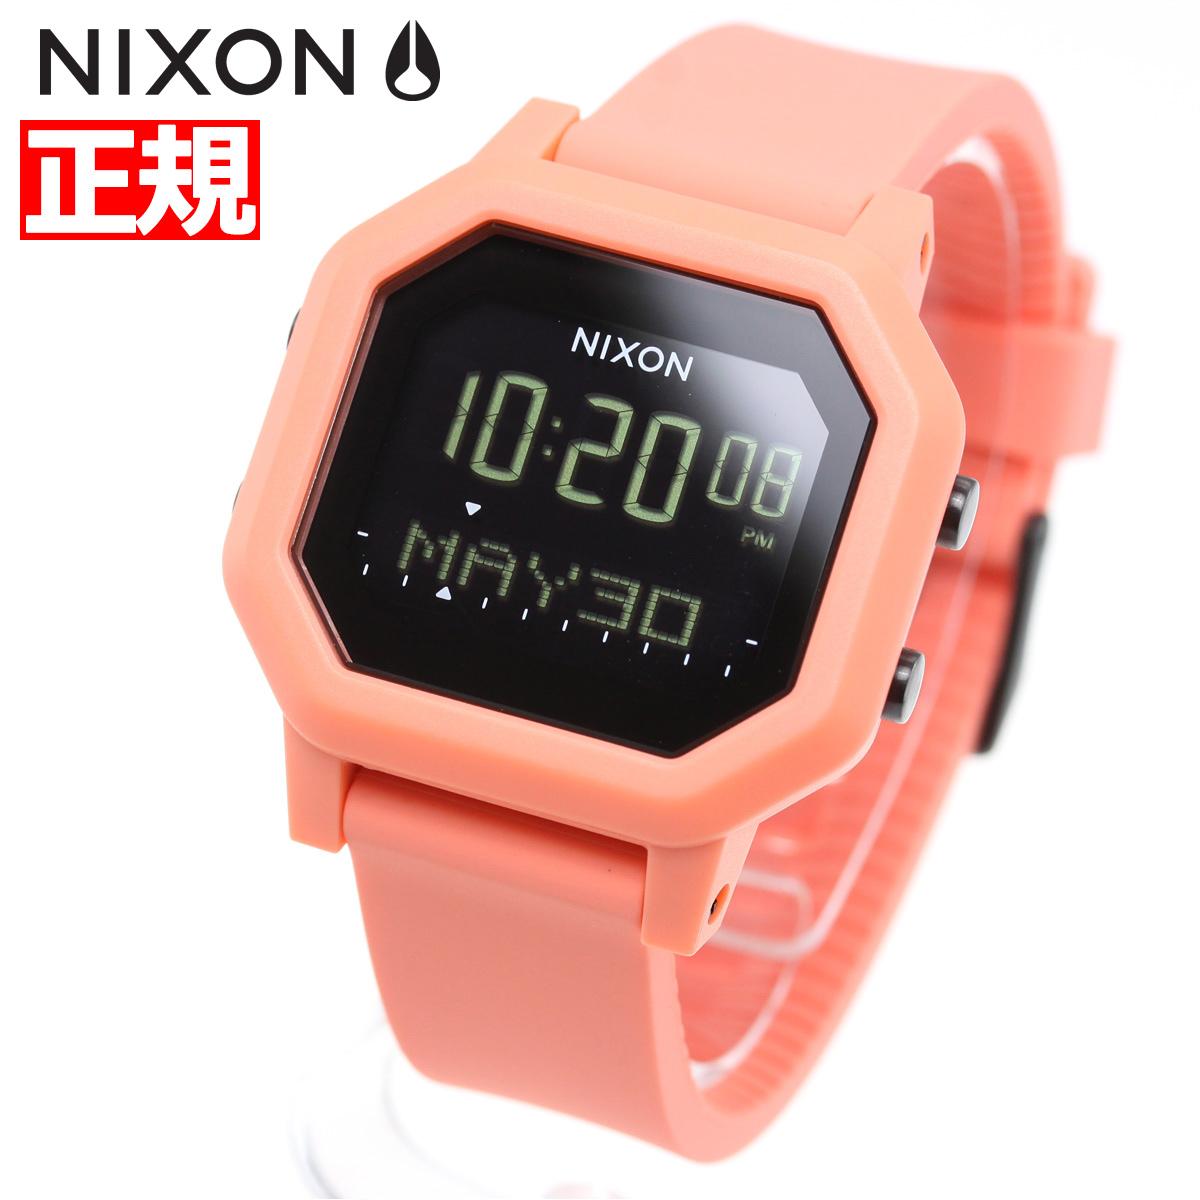 ニクソン NIXON サイレン SIREN 腕時計 レディース LIGHT TANGERINE NA12102876-00【2018 新作】